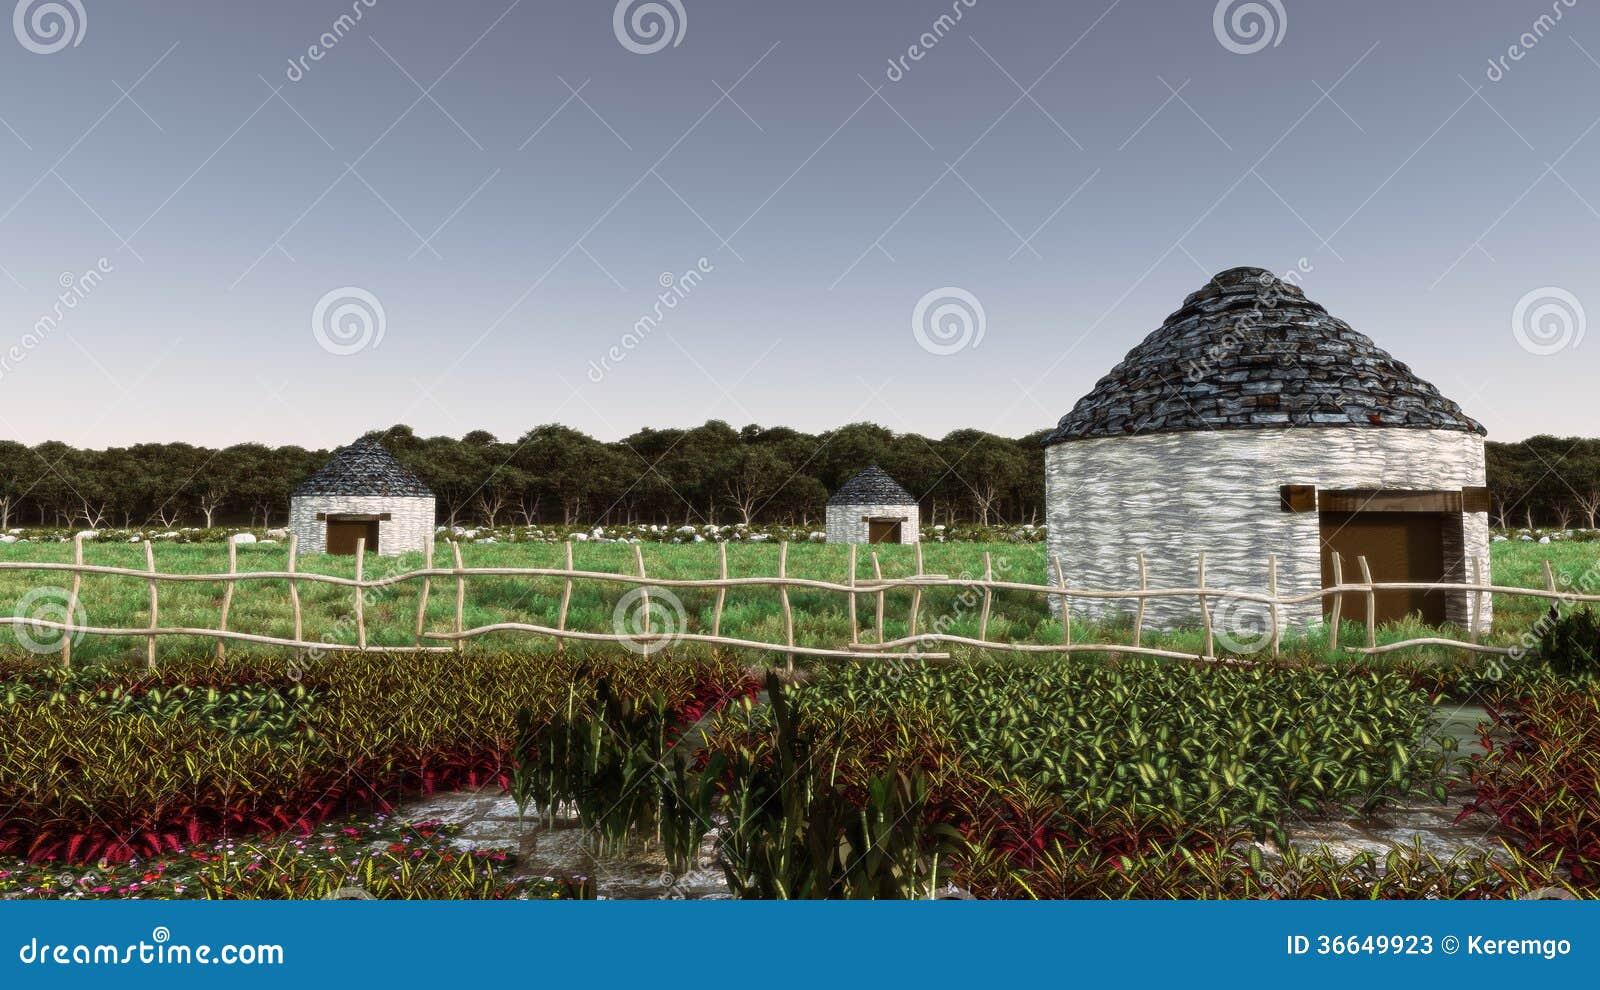 Far East Daytime Village Landscape